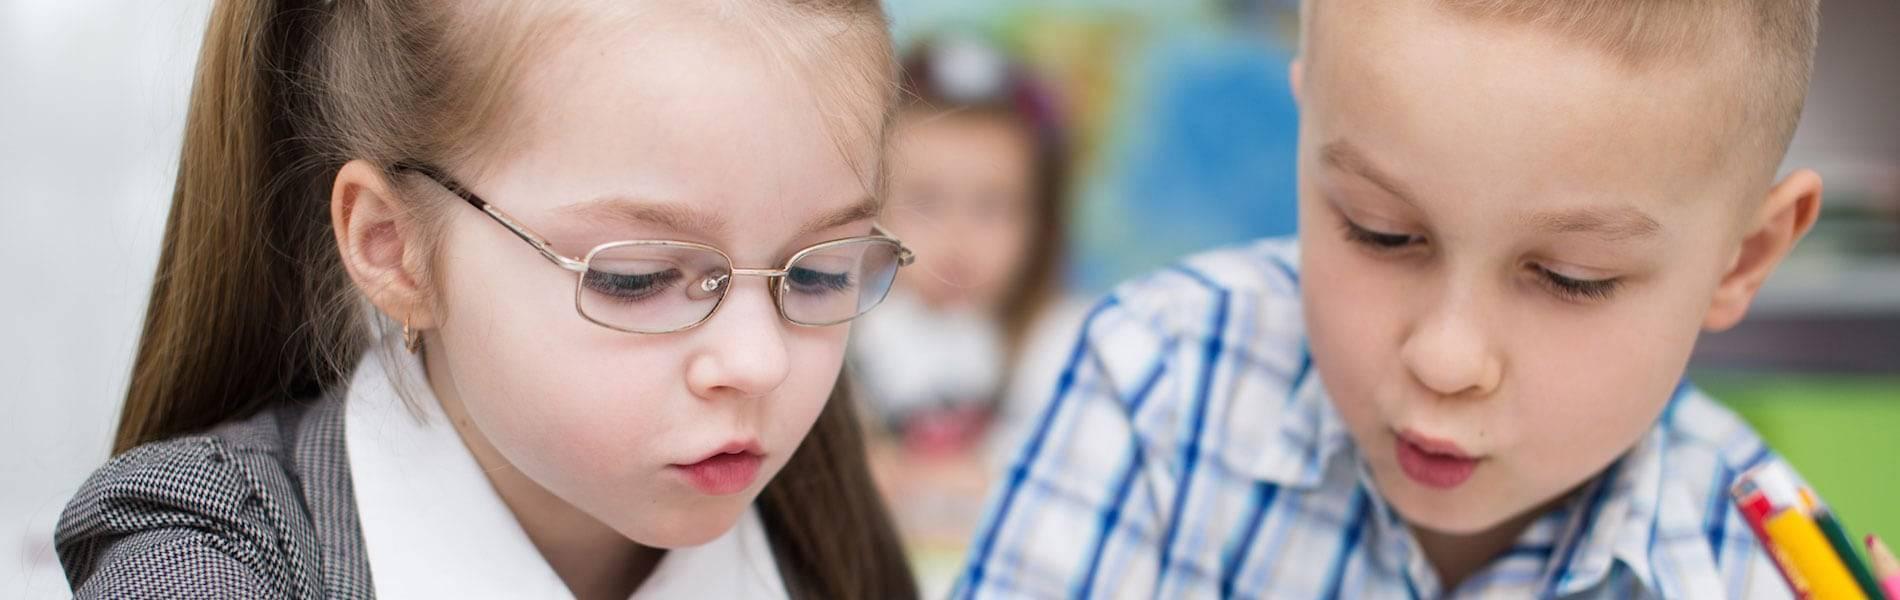 Заболевания глаз у детей: список самых распространенных патологий зрительного анализатора у малышей, рекомендации родителям